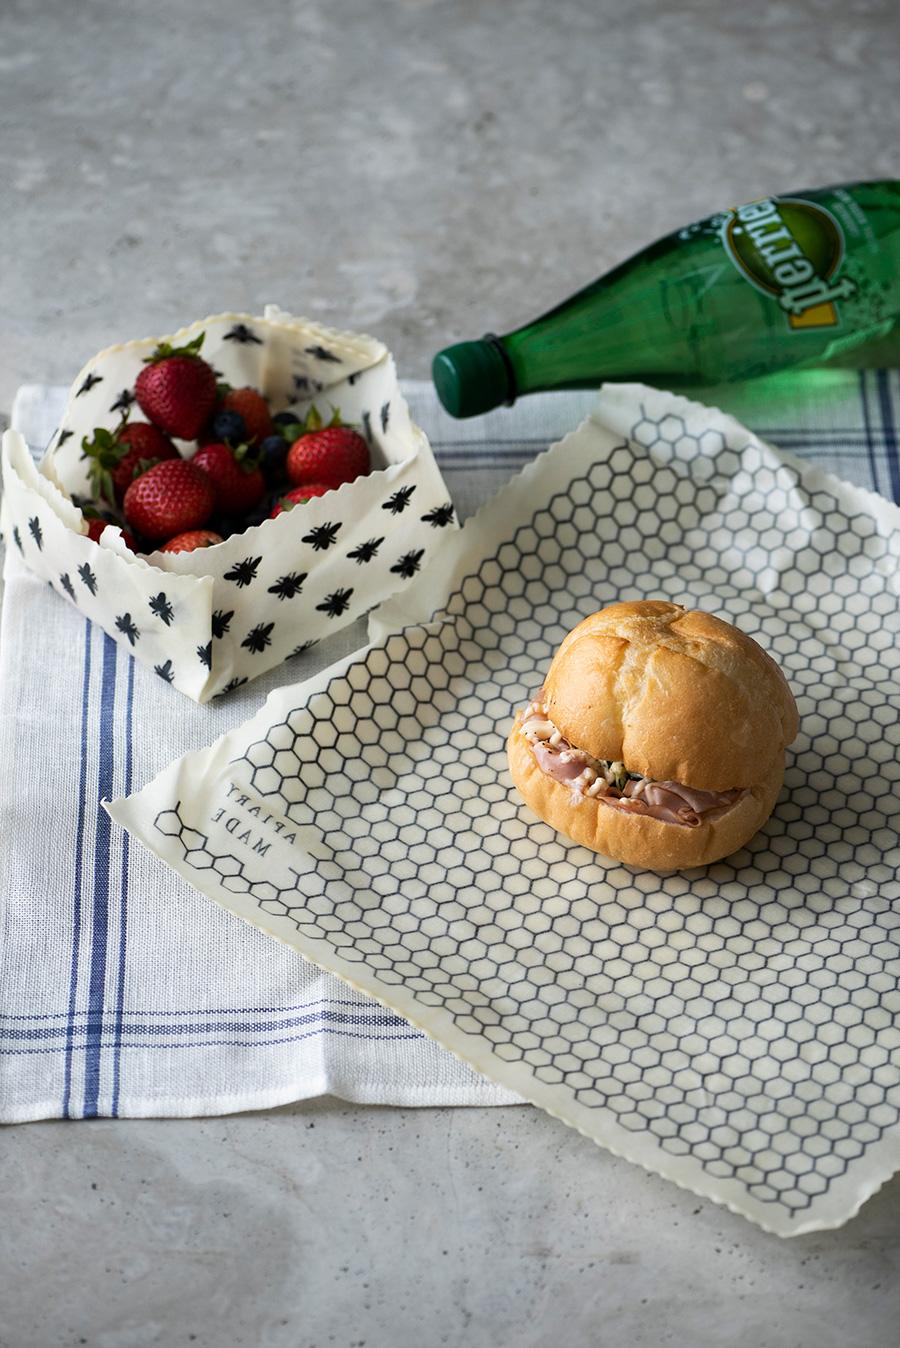 食べる時は、フルーツを包んでいたラップをお皿にして。